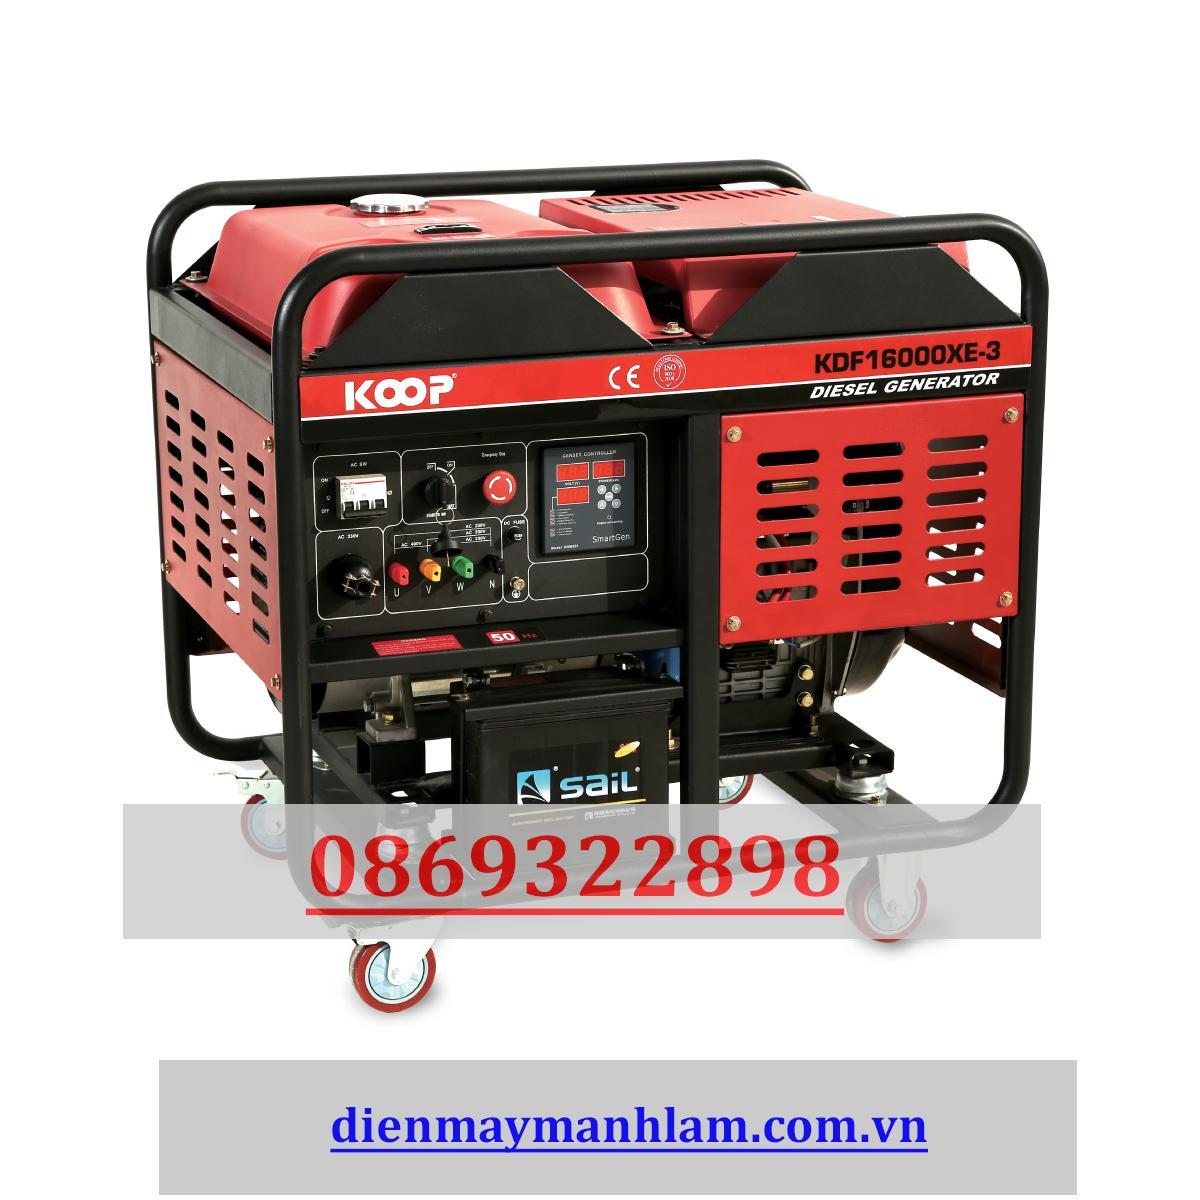 Máy phát điện chạy dầu 12kw 3 pha Nhật Bản KOOP 16000EX - 3 pha không tủ chống ồn